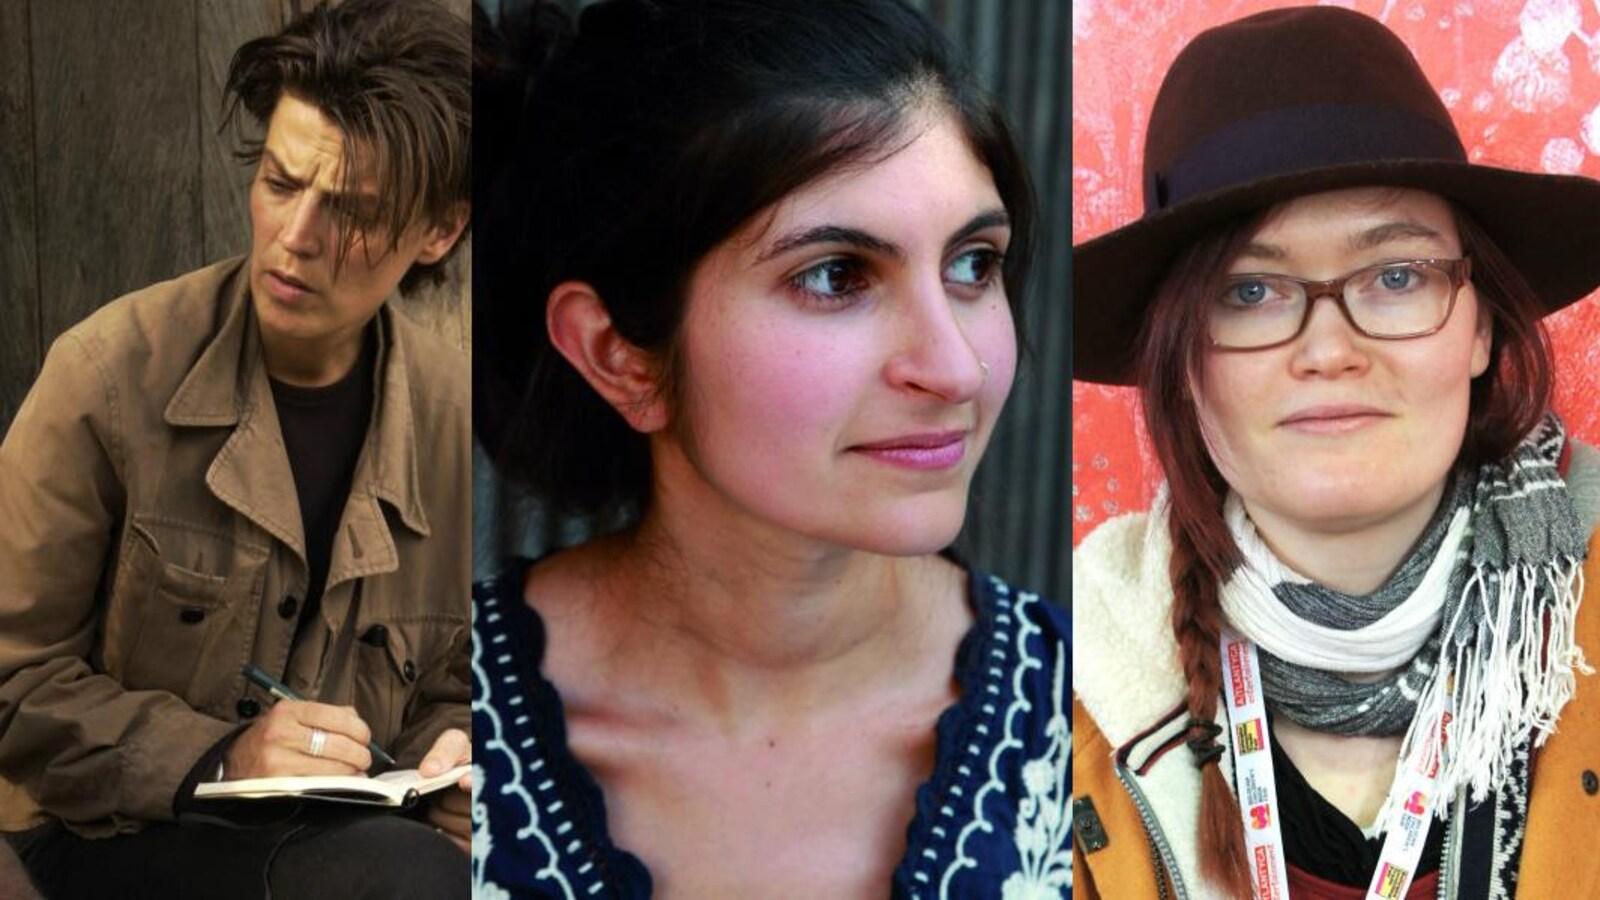 Les trois photos des trois femmes sont côte à côte.